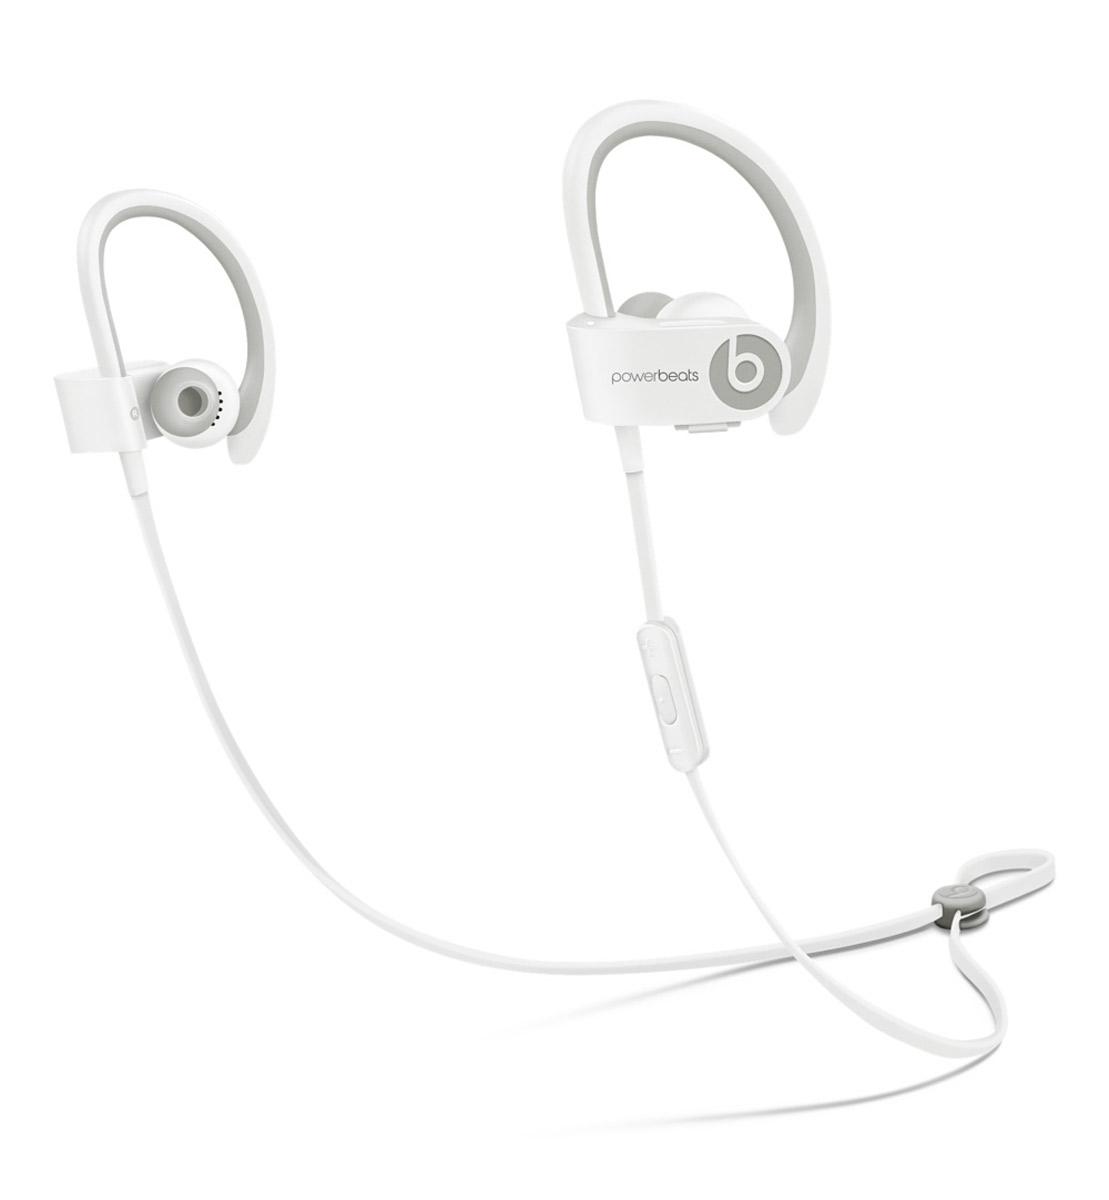 Beats Powerbeats 2 Wireless, White наушникиMHBG2ZM/AВдохновлённые Леброном Джеймсом и его упорным стремлением к совершенству, беспроводные наушники с Bluetooth Beats by Dr. Dre Powerbeats2 обладают исключительно малым весом и высокой мощностью двухполосной акустики, стимулируя вас во время тяжёлых тренировок. Созданы, чтобы выдержать все испытанияУровень пото-и водонепроницаемости IPX-4 означает, что наушники Powerbeats2 защищены, начиная от ушных вкладышей и заканчивая соединяющим наушники кабелем с защитой от спутывания. Элемент управления RemoteTalk, расположенный на соединяющем кабеле с защитой от спутывания, сделан в виде накладки, препятствующей соскальзыванию, когда вы регулируете громкость, переключаете треки или совершаете звонки.Больше свободыГде бы вы ни находились - на улице или на корте - беспроводные наушники Powerbeats2 дают вам полную свободу тренировок. Беспроводная связь Bluetooth позволяет подключаться к iPhone, iPad или iPod с поддержкой Bluetooth на расстоянии до 9,1 метра, таким образом, вы можете свободно двигаться и сосредоточиться на тренировке. Аккумулятор с 15-минутной зарядкой на шесть часов воспроизведения обеспечивает дополнительный час непрерывного прослушивания. Созданы для работыБеспроводные наушники Powerbeats2 специально созданы для тех, кто ведёт активный образ жизни: они обладают малым весом, компактны и оснащены гибким заушным крючком, обеспечивающим комфортную и надёжную фиксацию.Высота: 43,7 мм